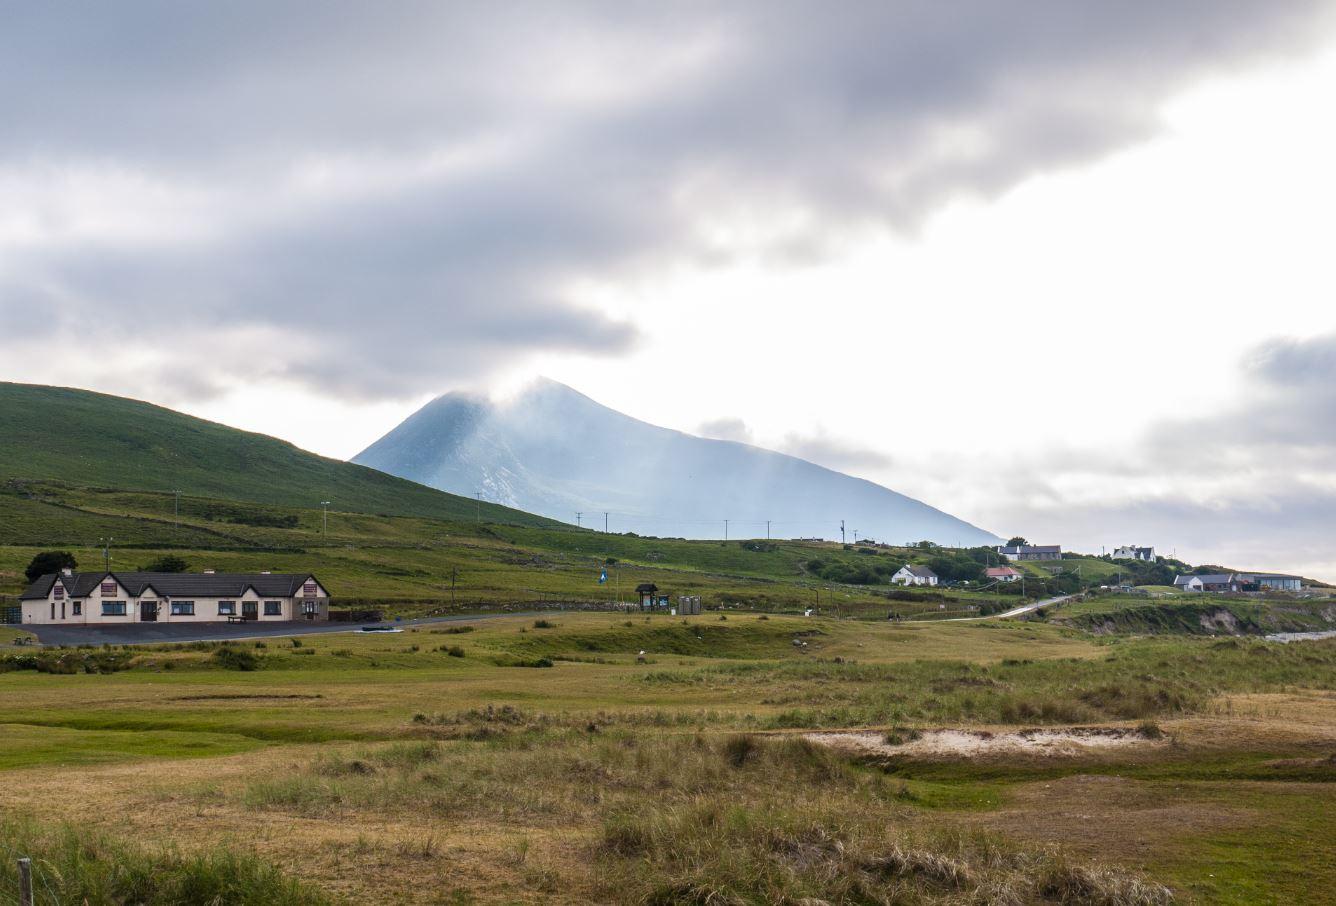 Golden Strand, Achill Island, Ireland in summer